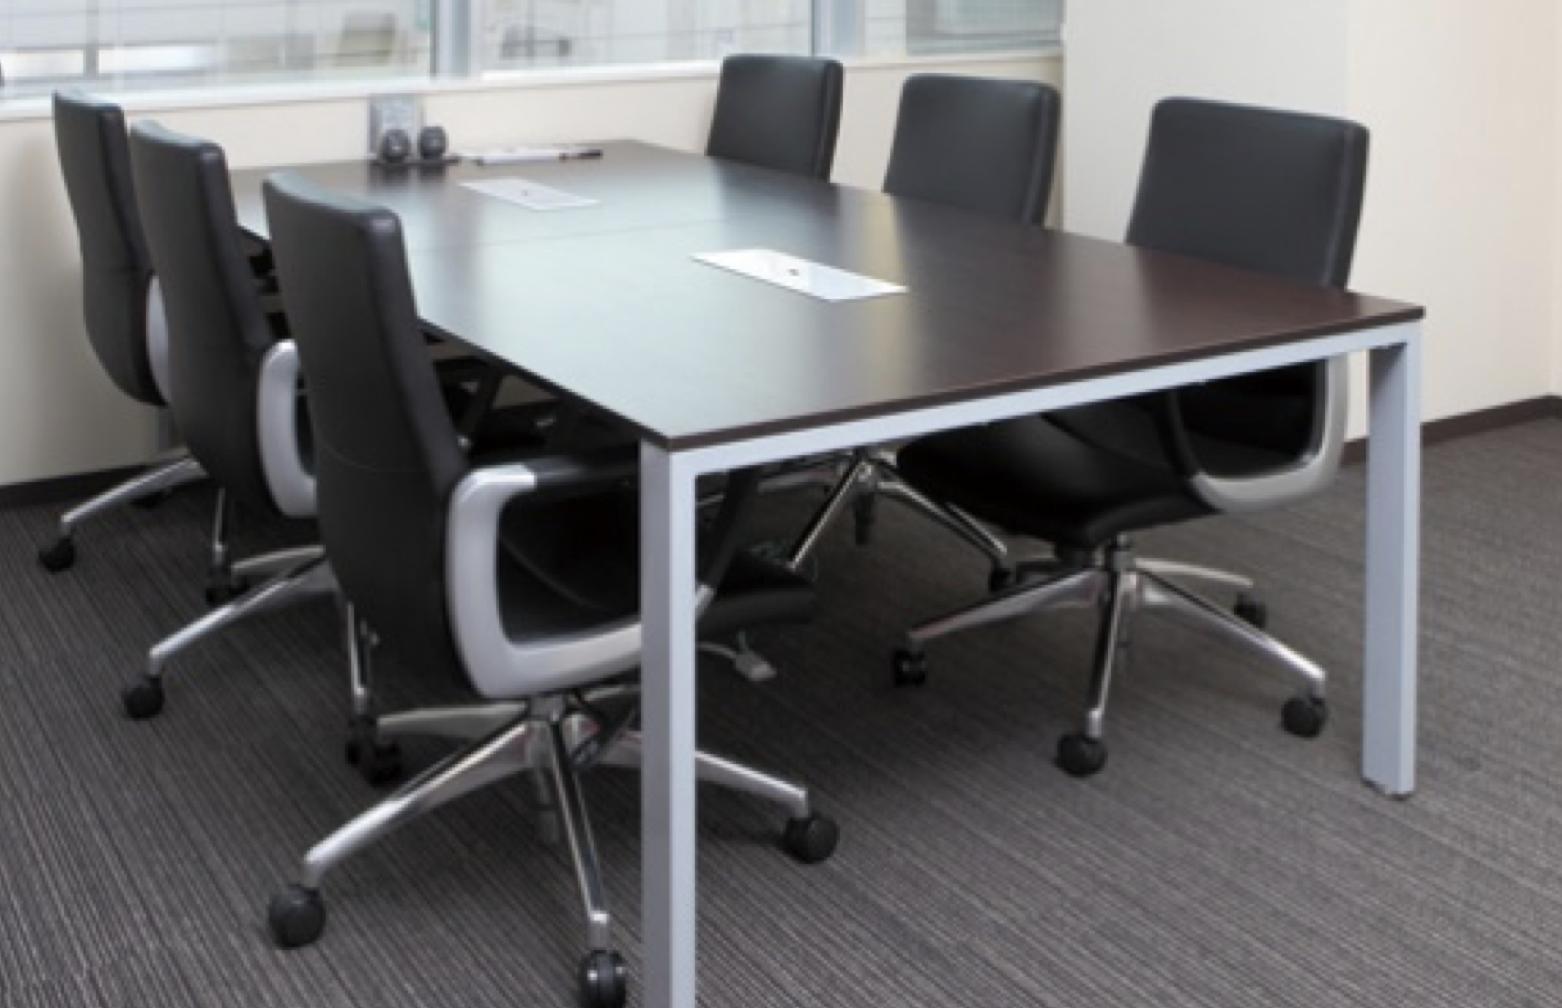 フリーアドレステーブルを会議室でミーティングテーブルとして使用したイメージ